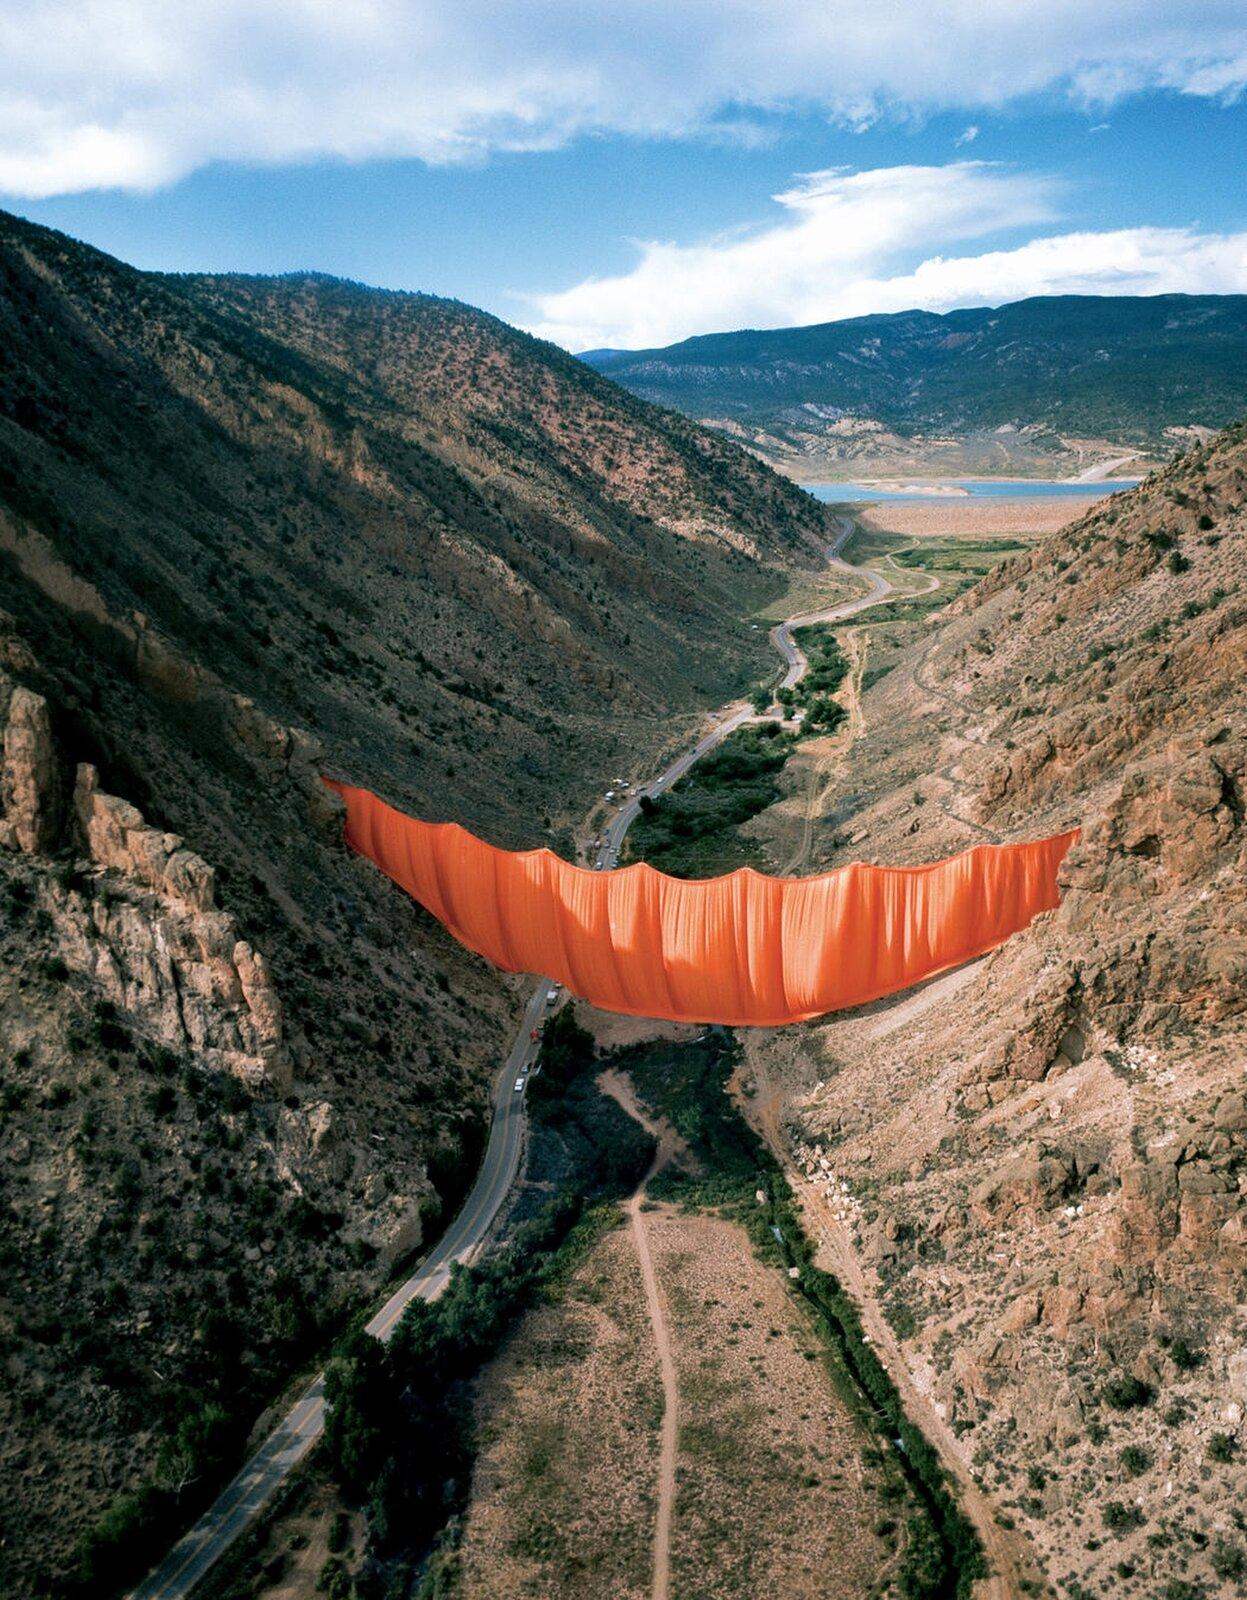 Ilustracja przedstawia czerwony materiał zawieszony pomiędzy dwoma zboczami wzgórz. Artyści na 28 godzin przegrodzili Wielki Kanion Kolorado pomarańczową kurtyną wysokości 42 metrów.